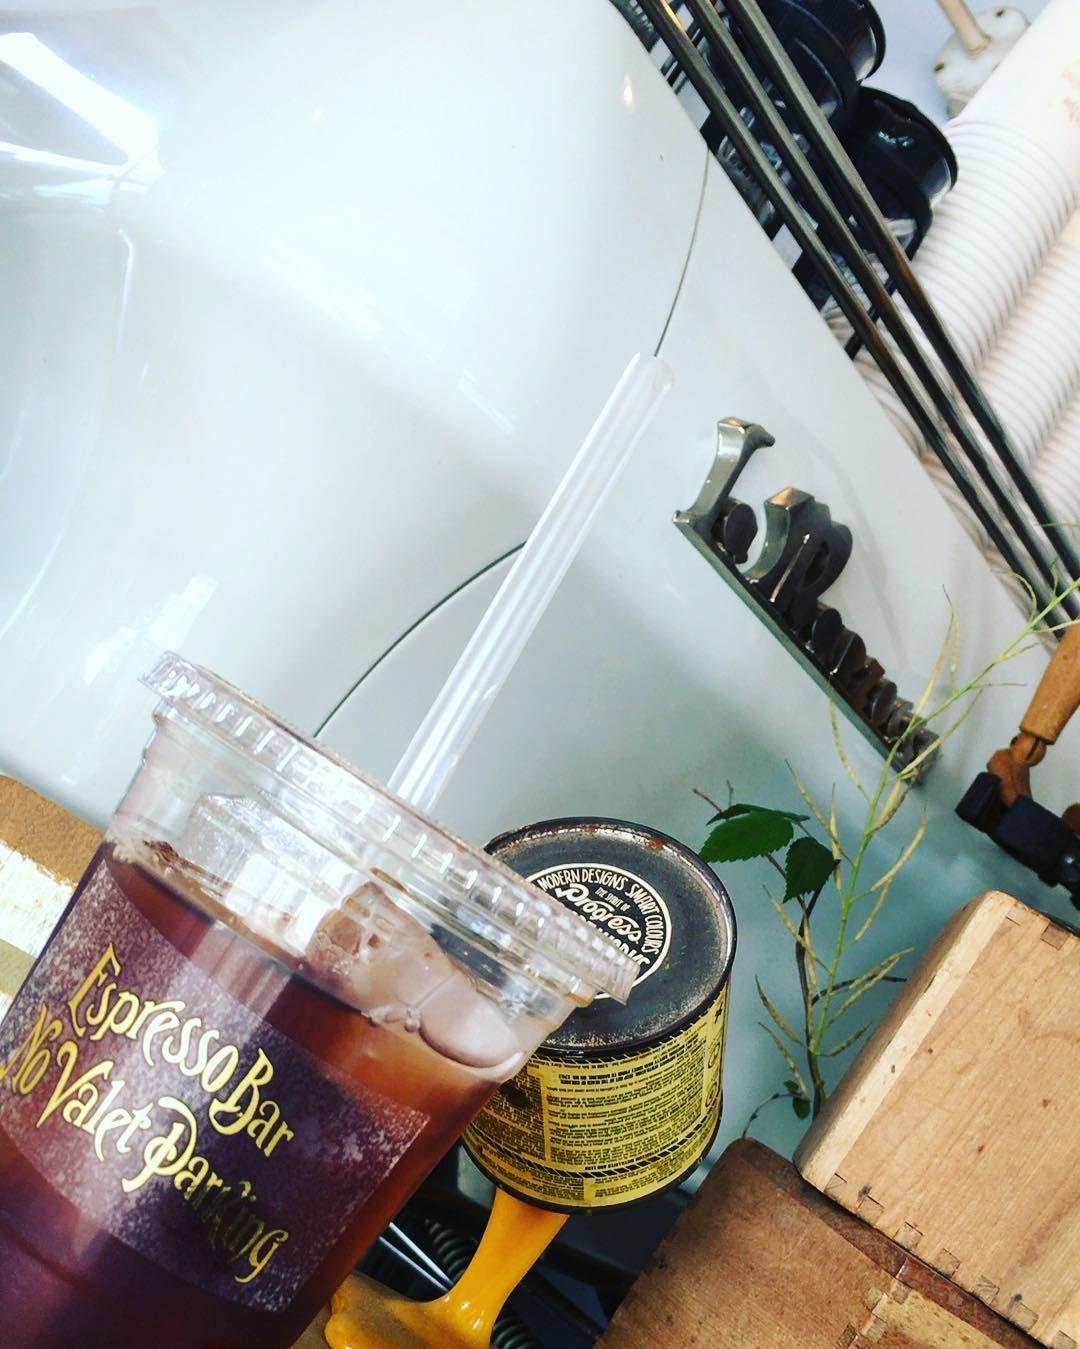 #水出しアイスコーヒー#lamarzocco #マルゾッコ #coffee#handdrip #coffee #hario #kalita #ハンドドリップ#コーヒー#ハリオ#カリタ #l4l#f4f#instagood#amway#follow#tflers#instadiary#instalike#instacoffee#instaphoto http://ift.tt/20b7VYo